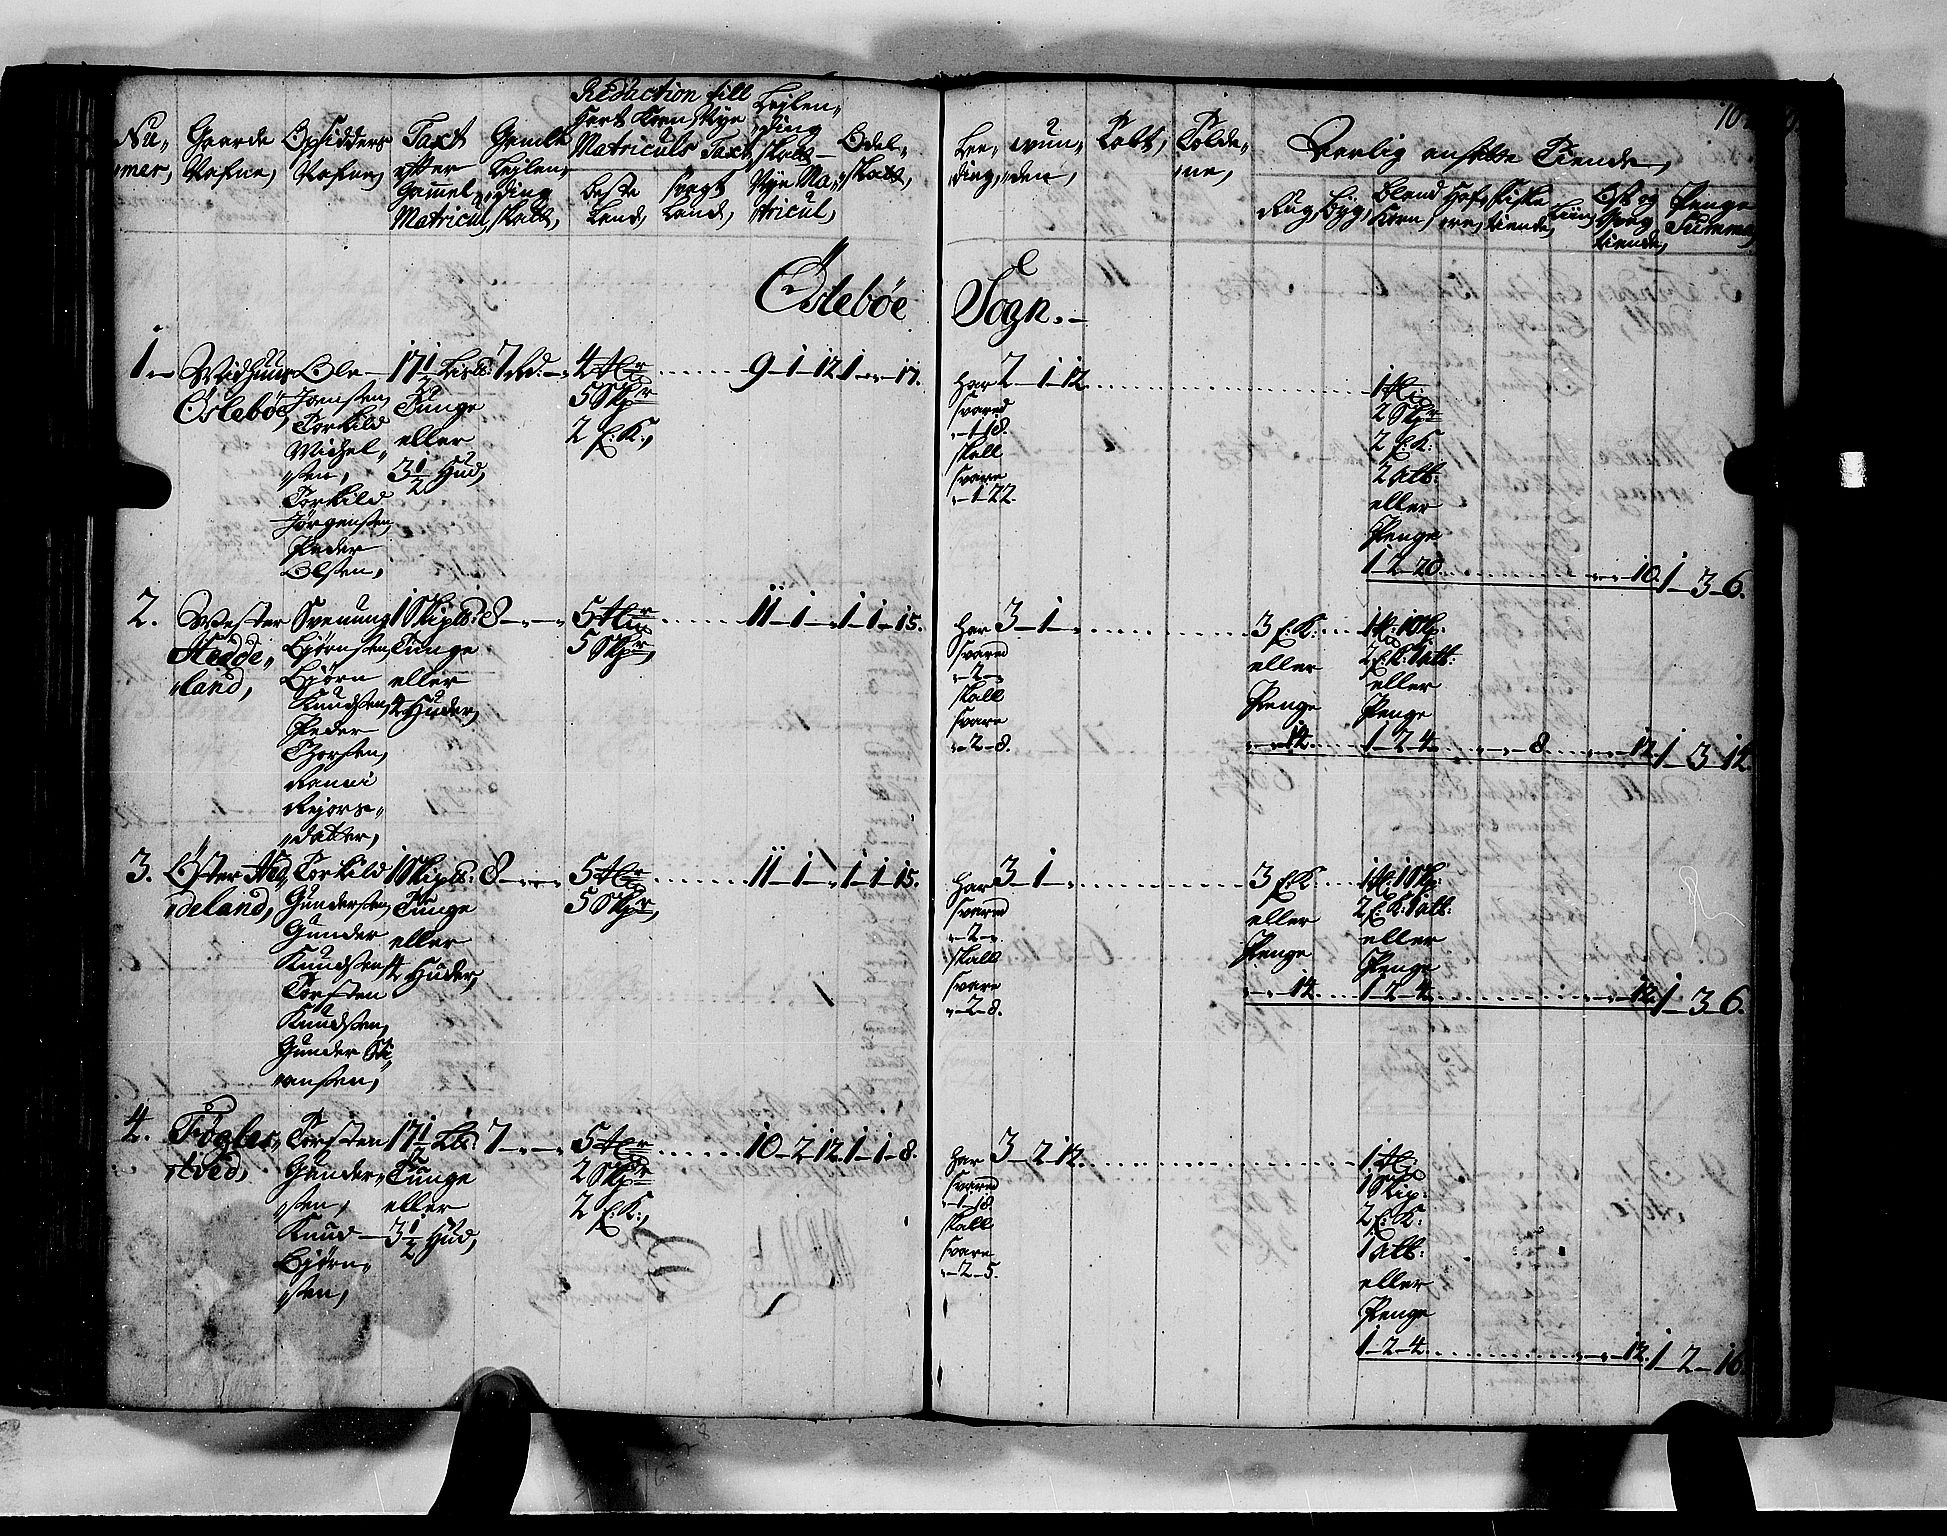 RA, Rentekammeret inntil 1814, Realistisk ordnet avdeling, N/Nb/Nbf/L0128: Mandal matrikkelprotokoll, 1723, s. 101b-102a